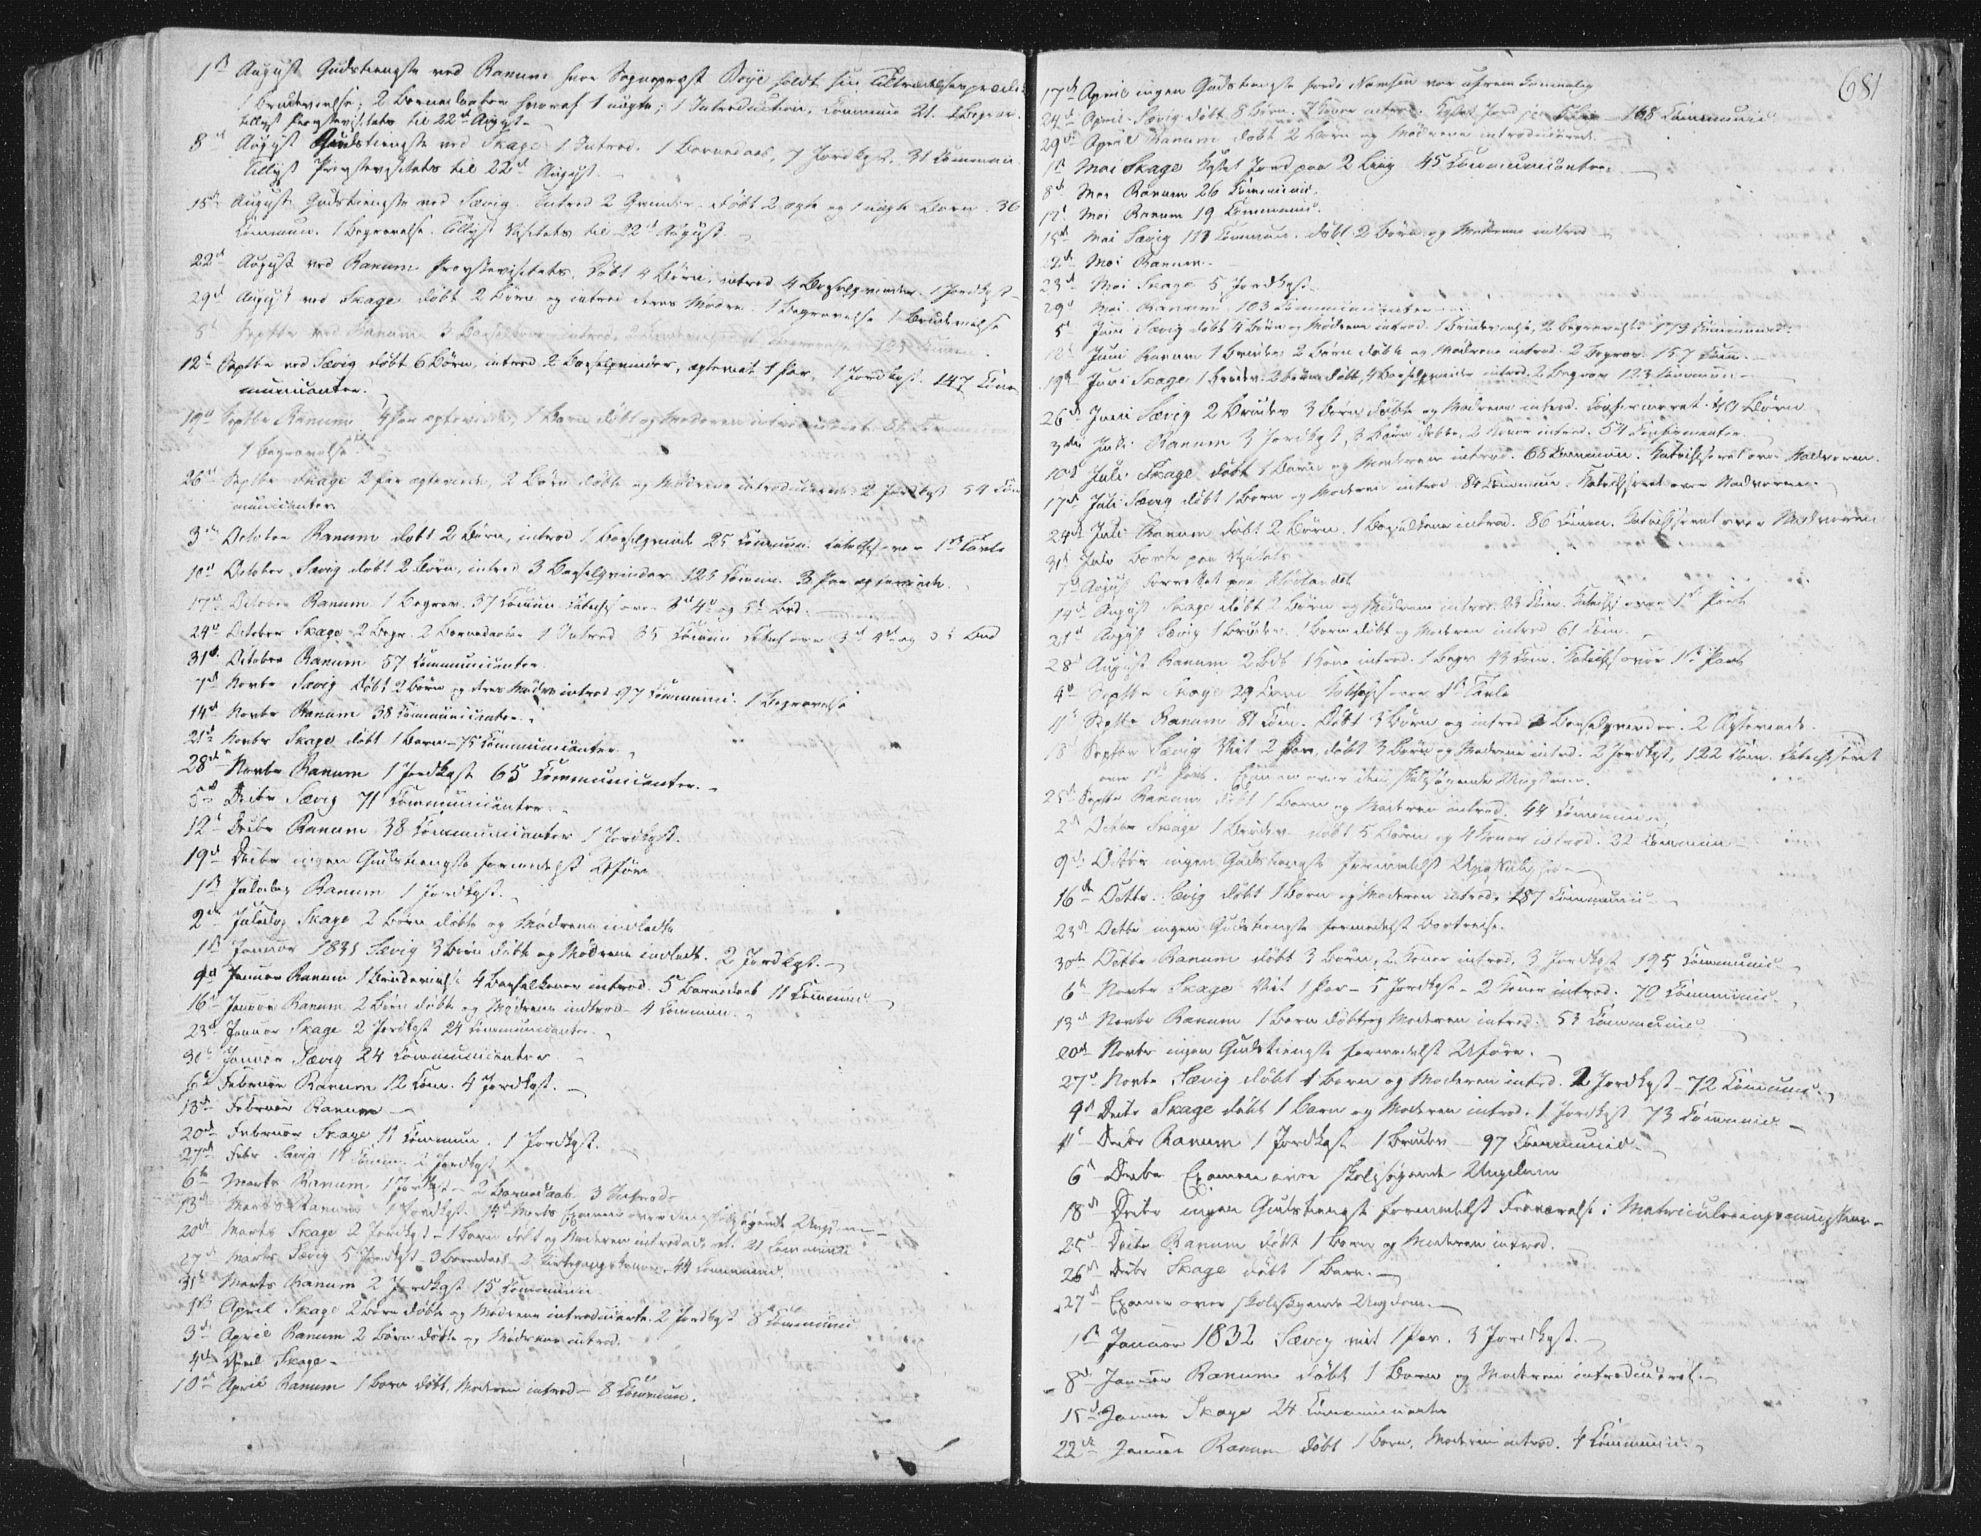 SAT, Ministerialprotokoller, klokkerbøker og fødselsregistre - Nord-Trøndelag, 764/L0552: Ministerialbok nr. 764A07b, 1824-1865, s. 681